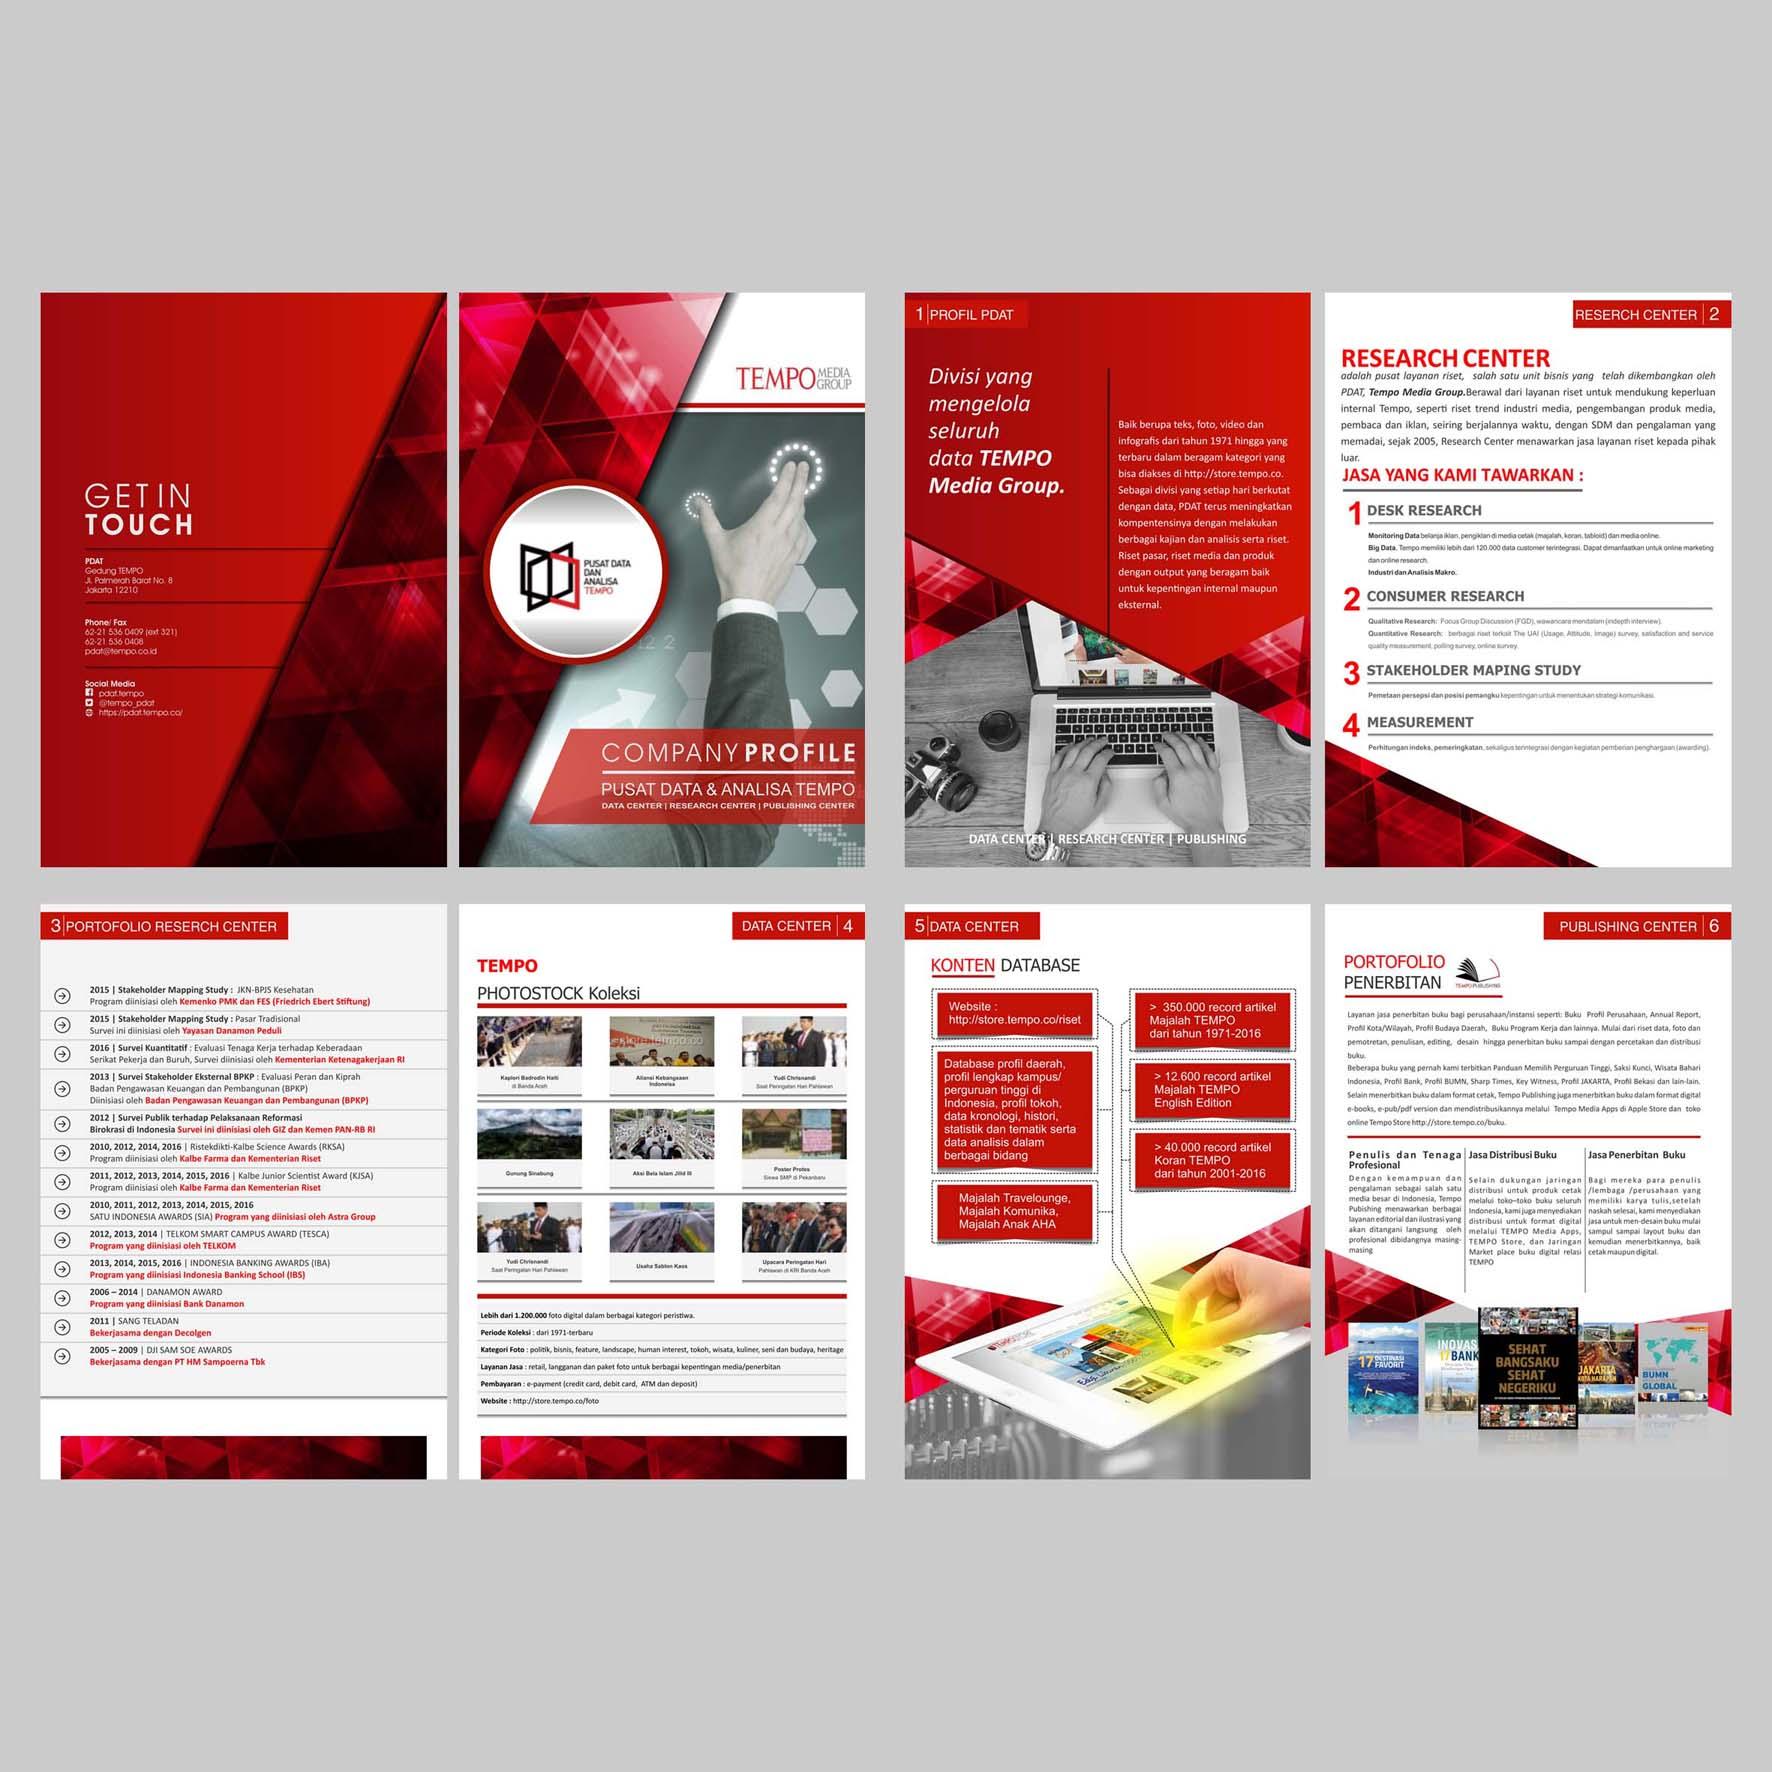 Sribu company profile design desain profil perusahaan unt for The design company